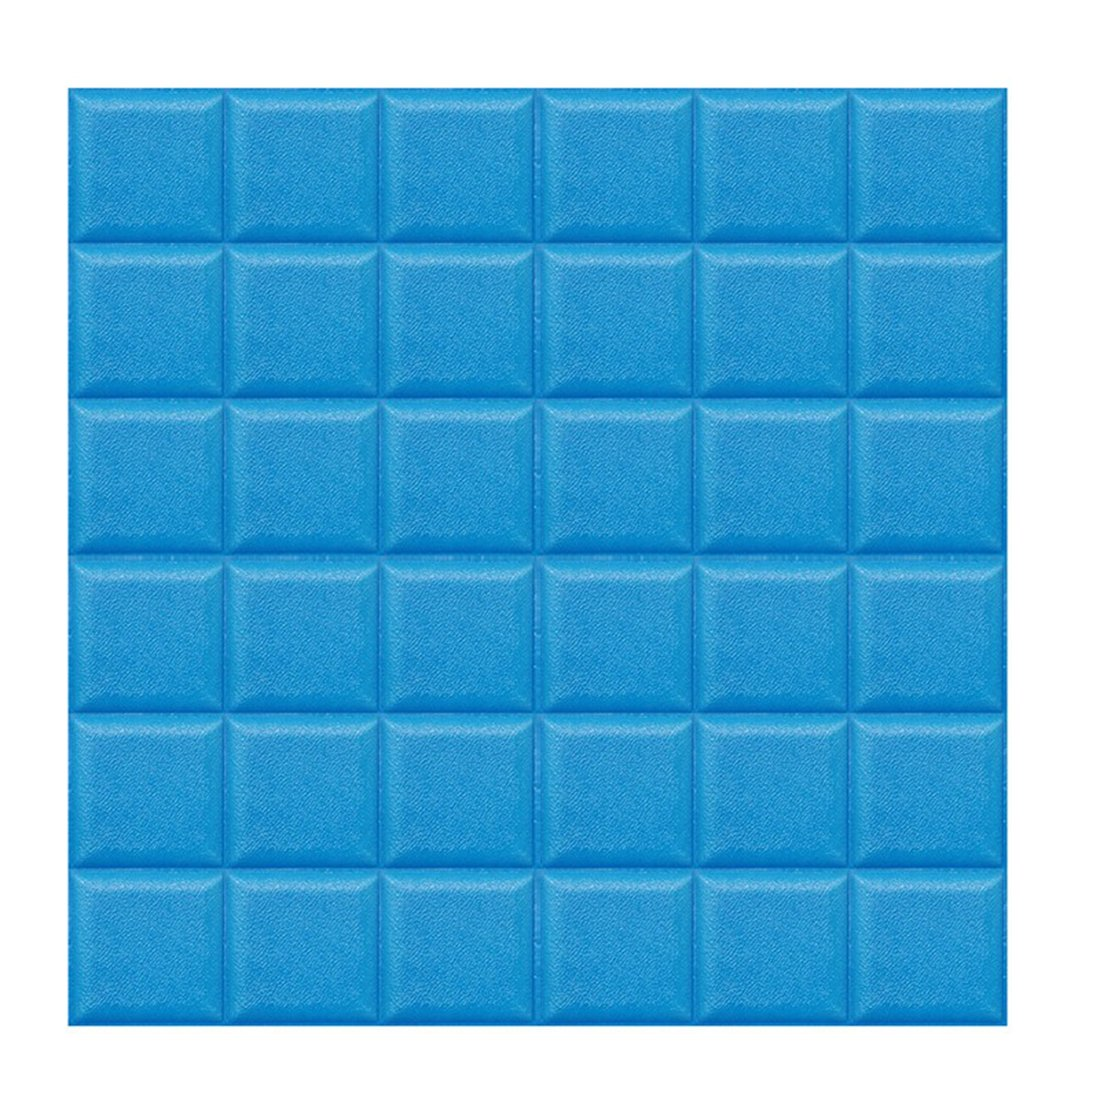 (Enerhu)3D壁紙 3D壁紙パネル 3Dウォールステッカー 壁紙シール ウォールステッカー DIY 簡単貼付シール 防水 壁紙 お洒落 健康 補修簡単 賃貸OK 幼稚園 60*60cm 30枚入り ブルー B07DSGZJ81 15750 60*60cm(30枚入り)|ブルー ブルー 60*60cm(30枚入り)